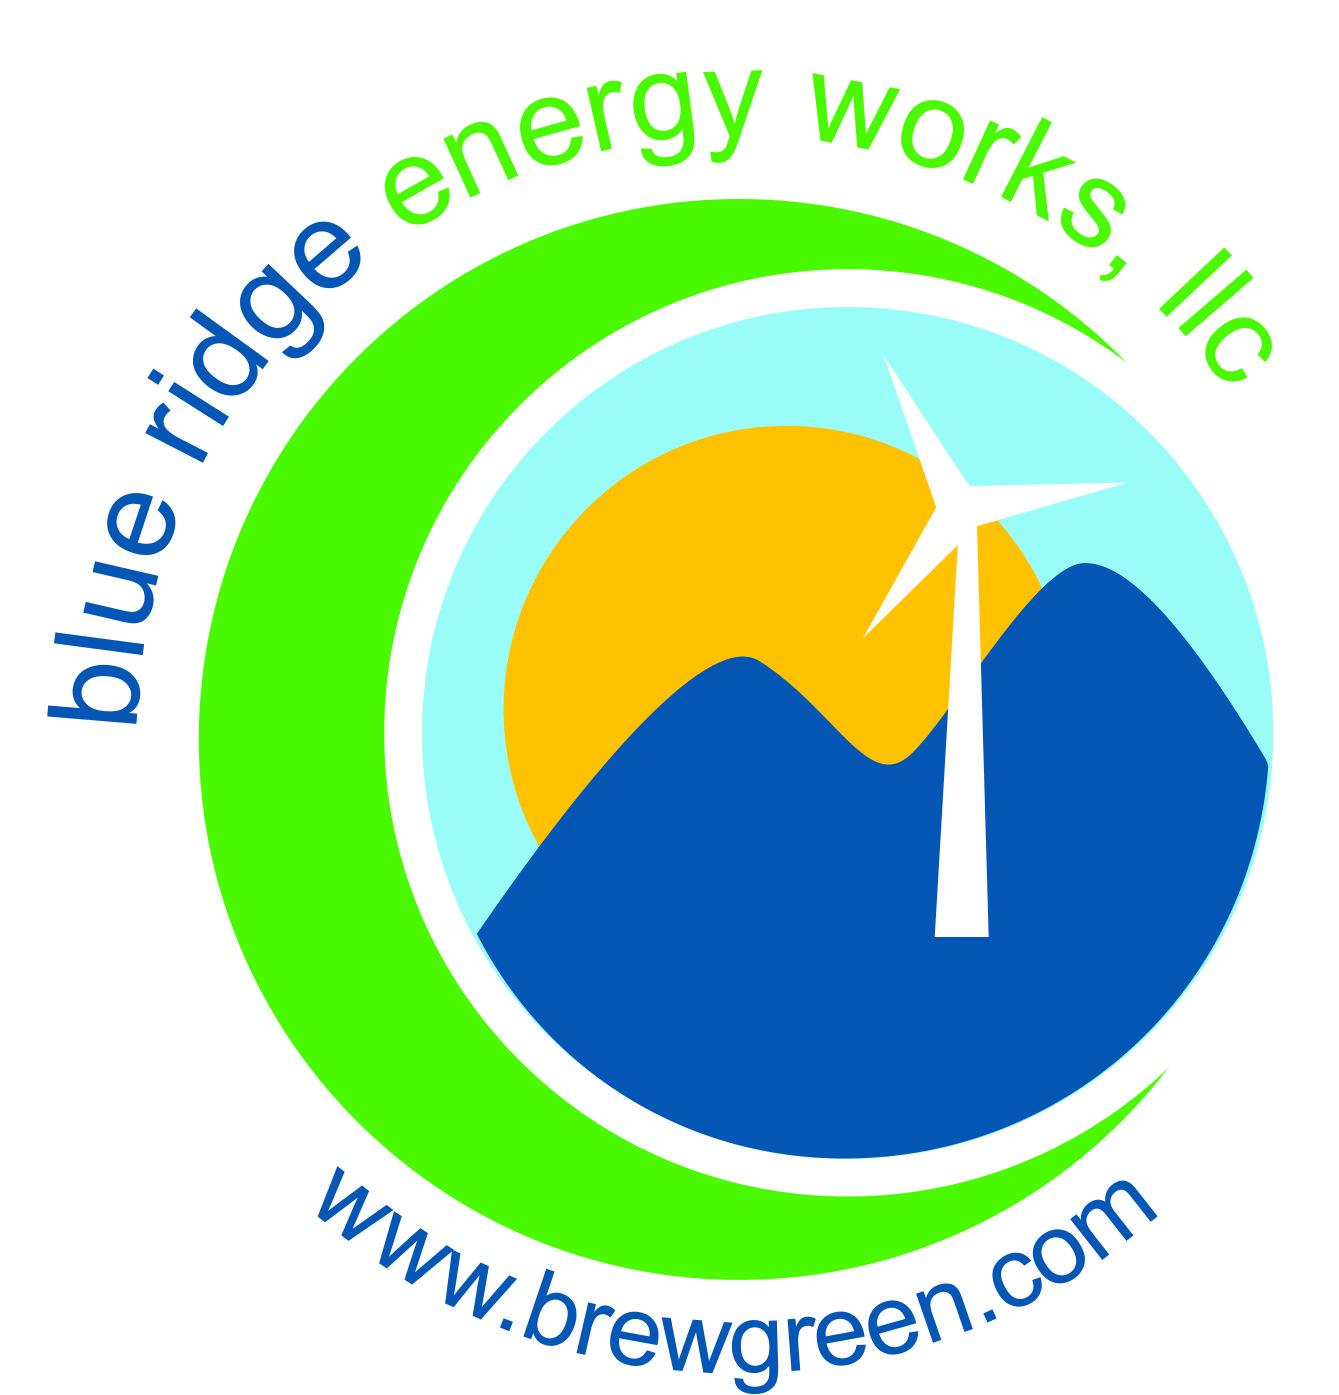 brew-logo